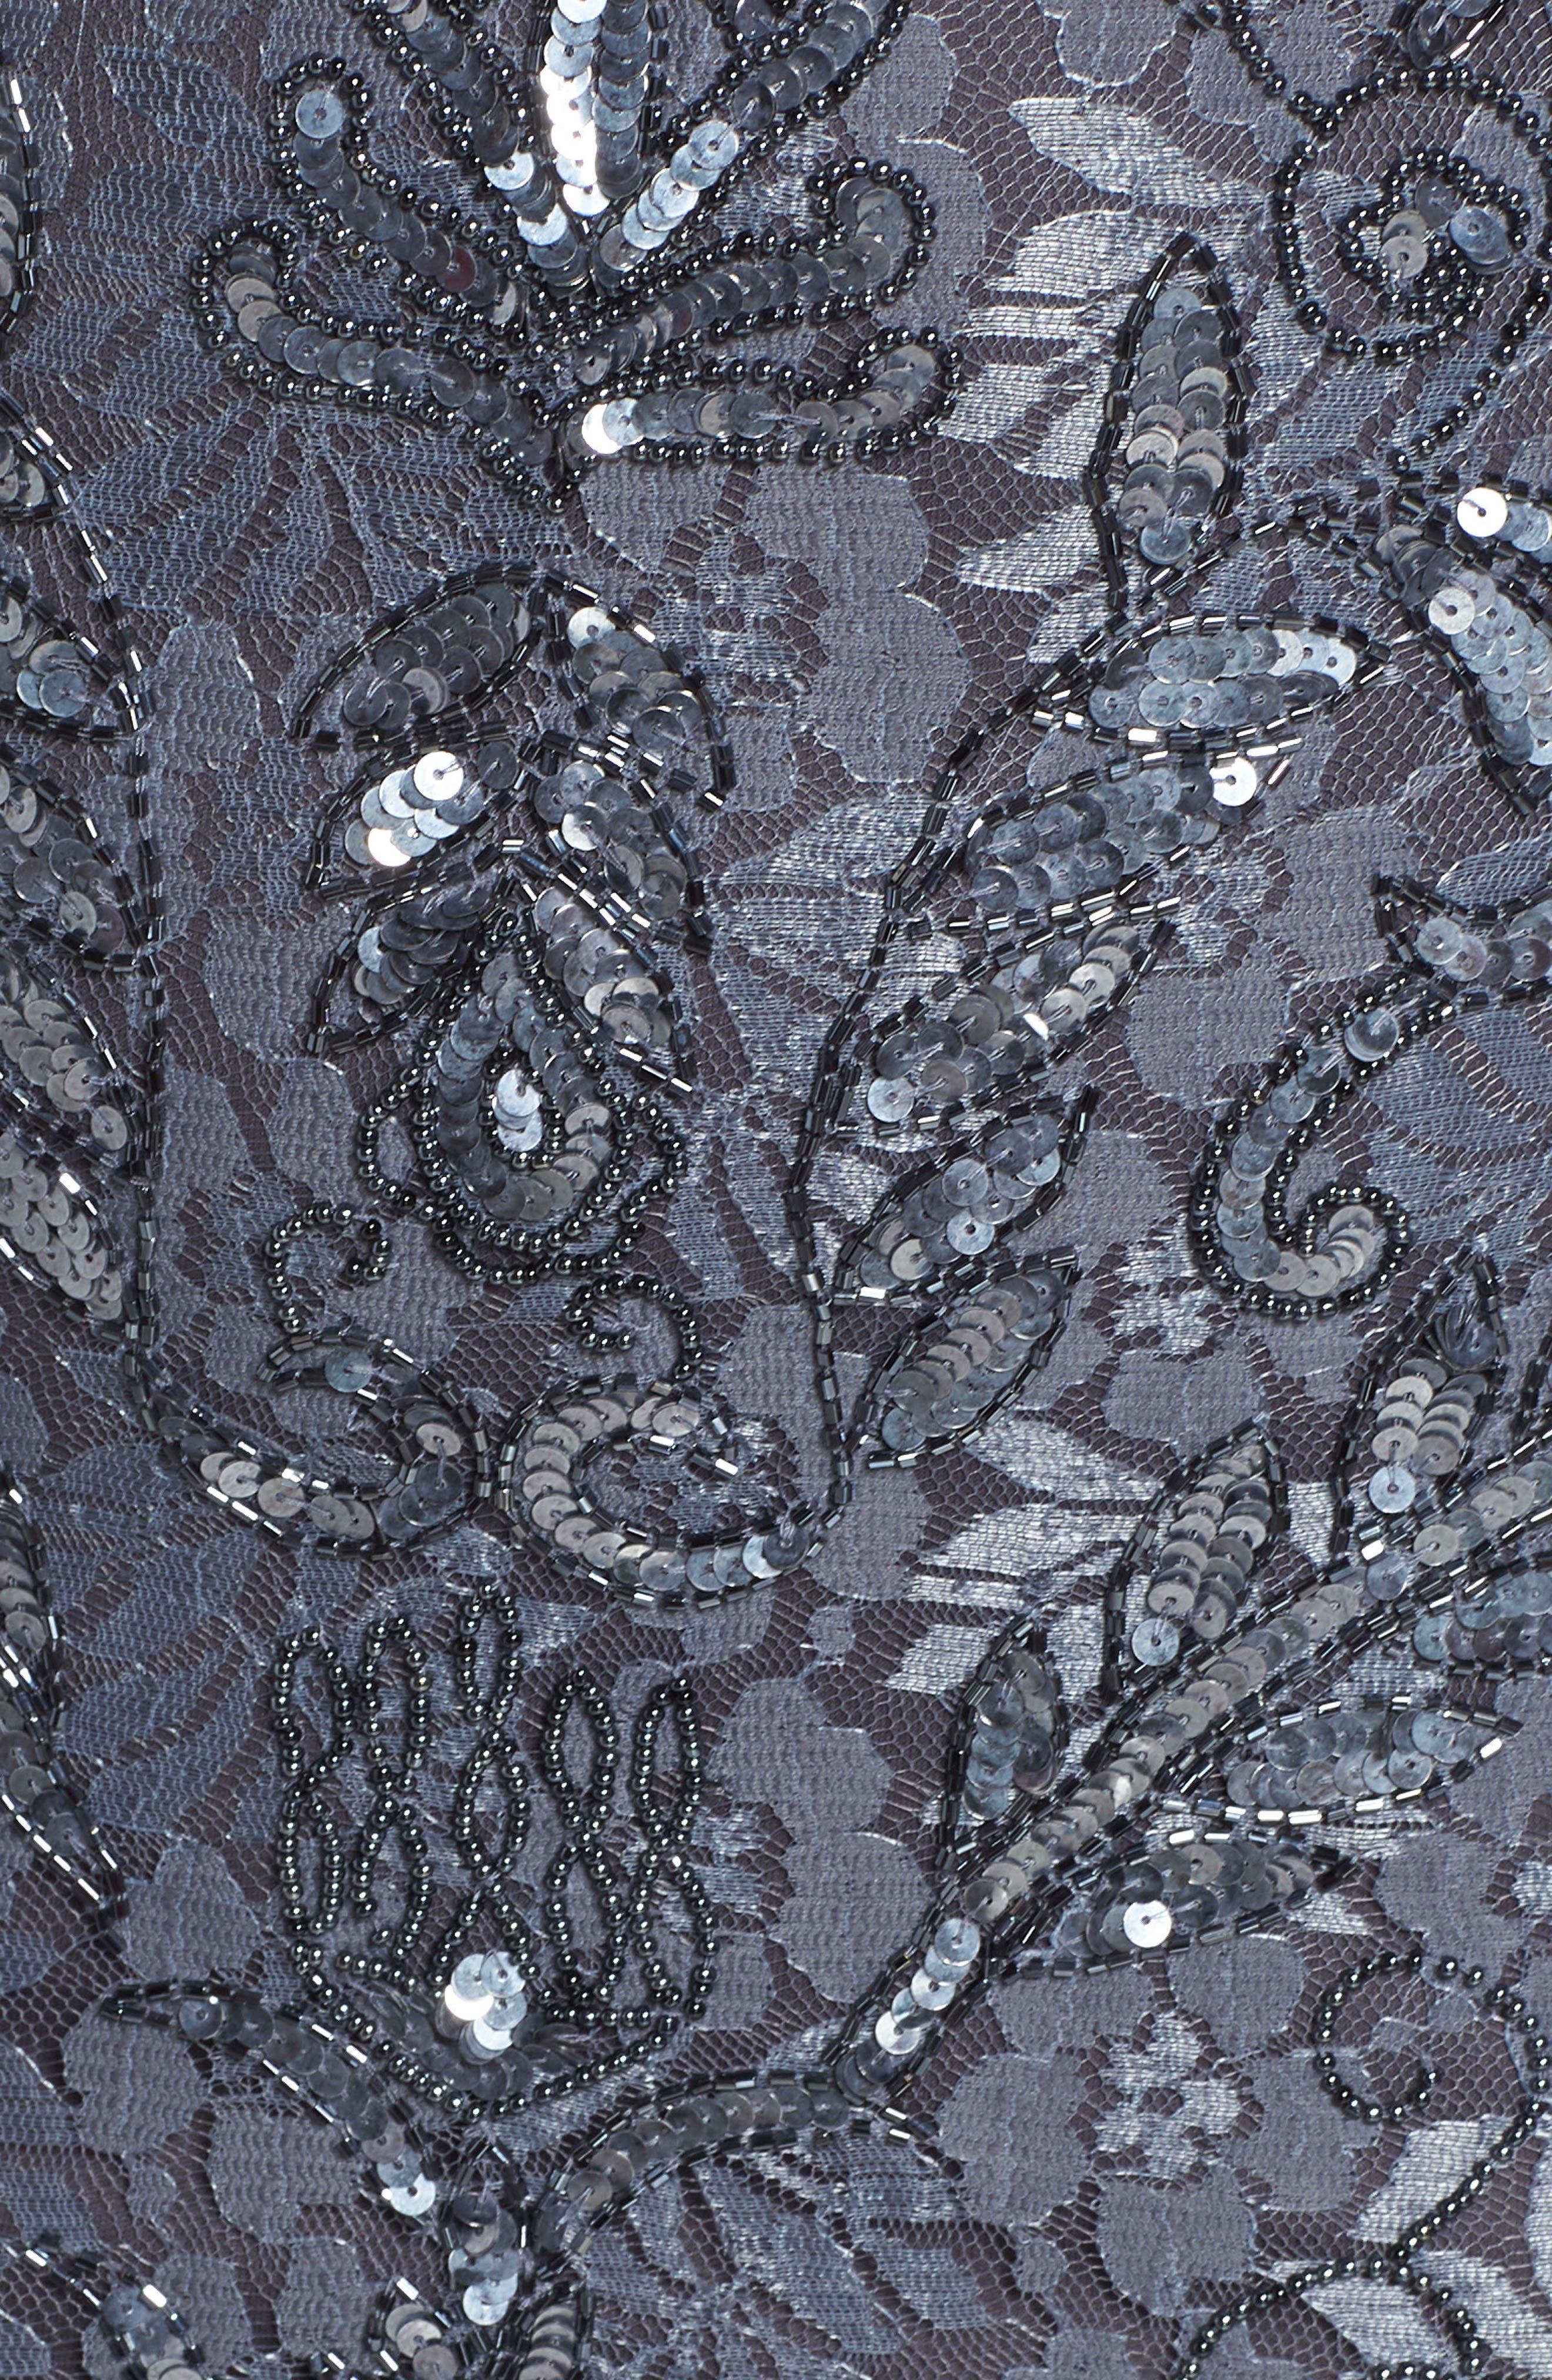 Sequin Lace Sheath Dress,                             Alternate thumbnail 6, color,                             020